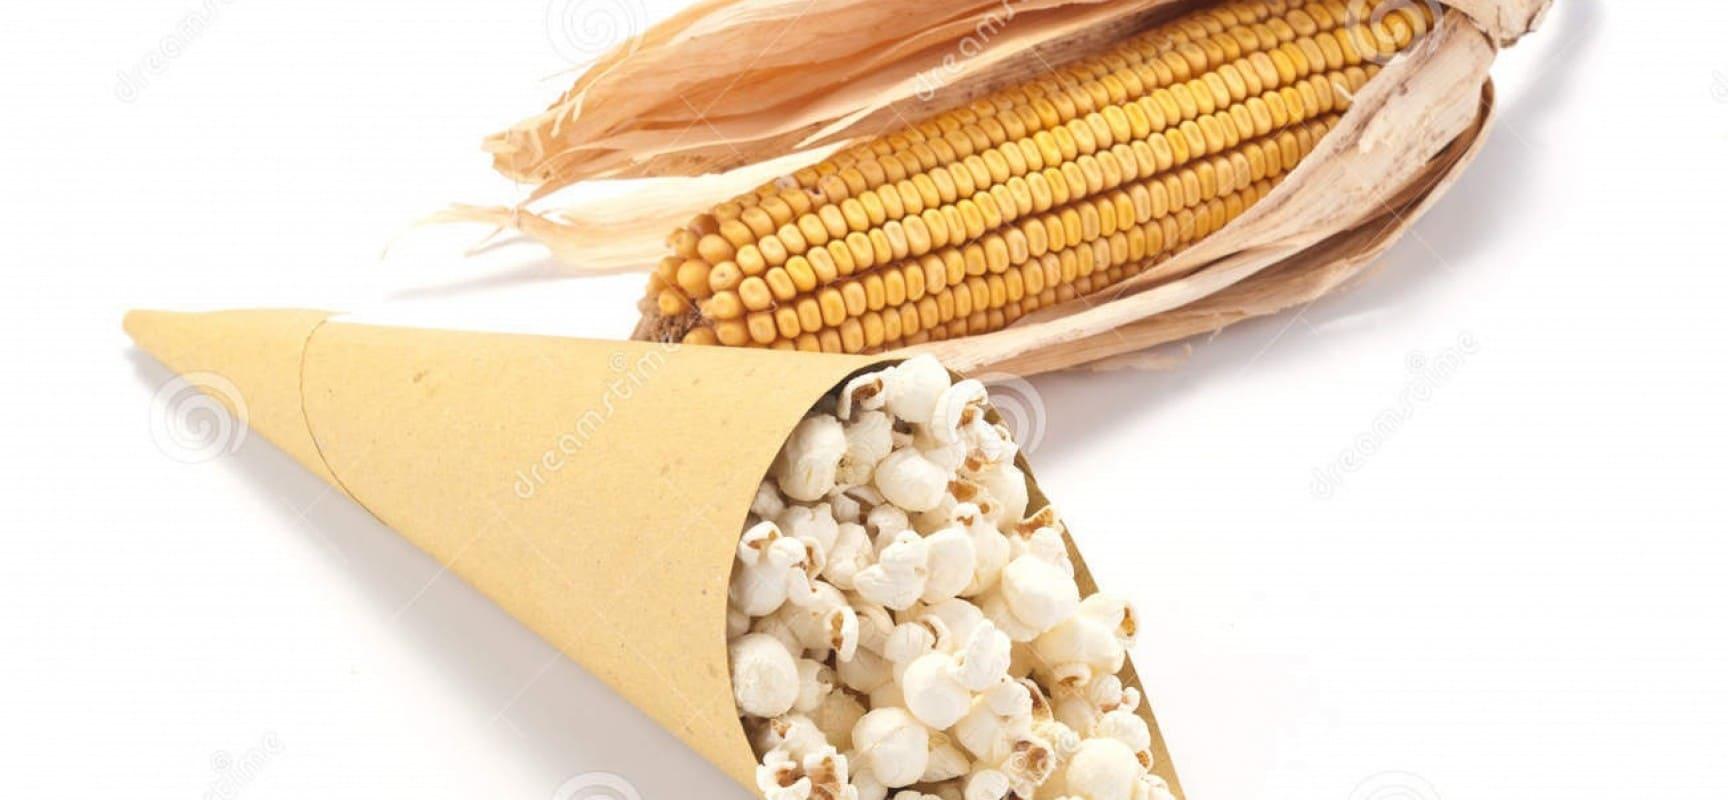 The Pop corn debate